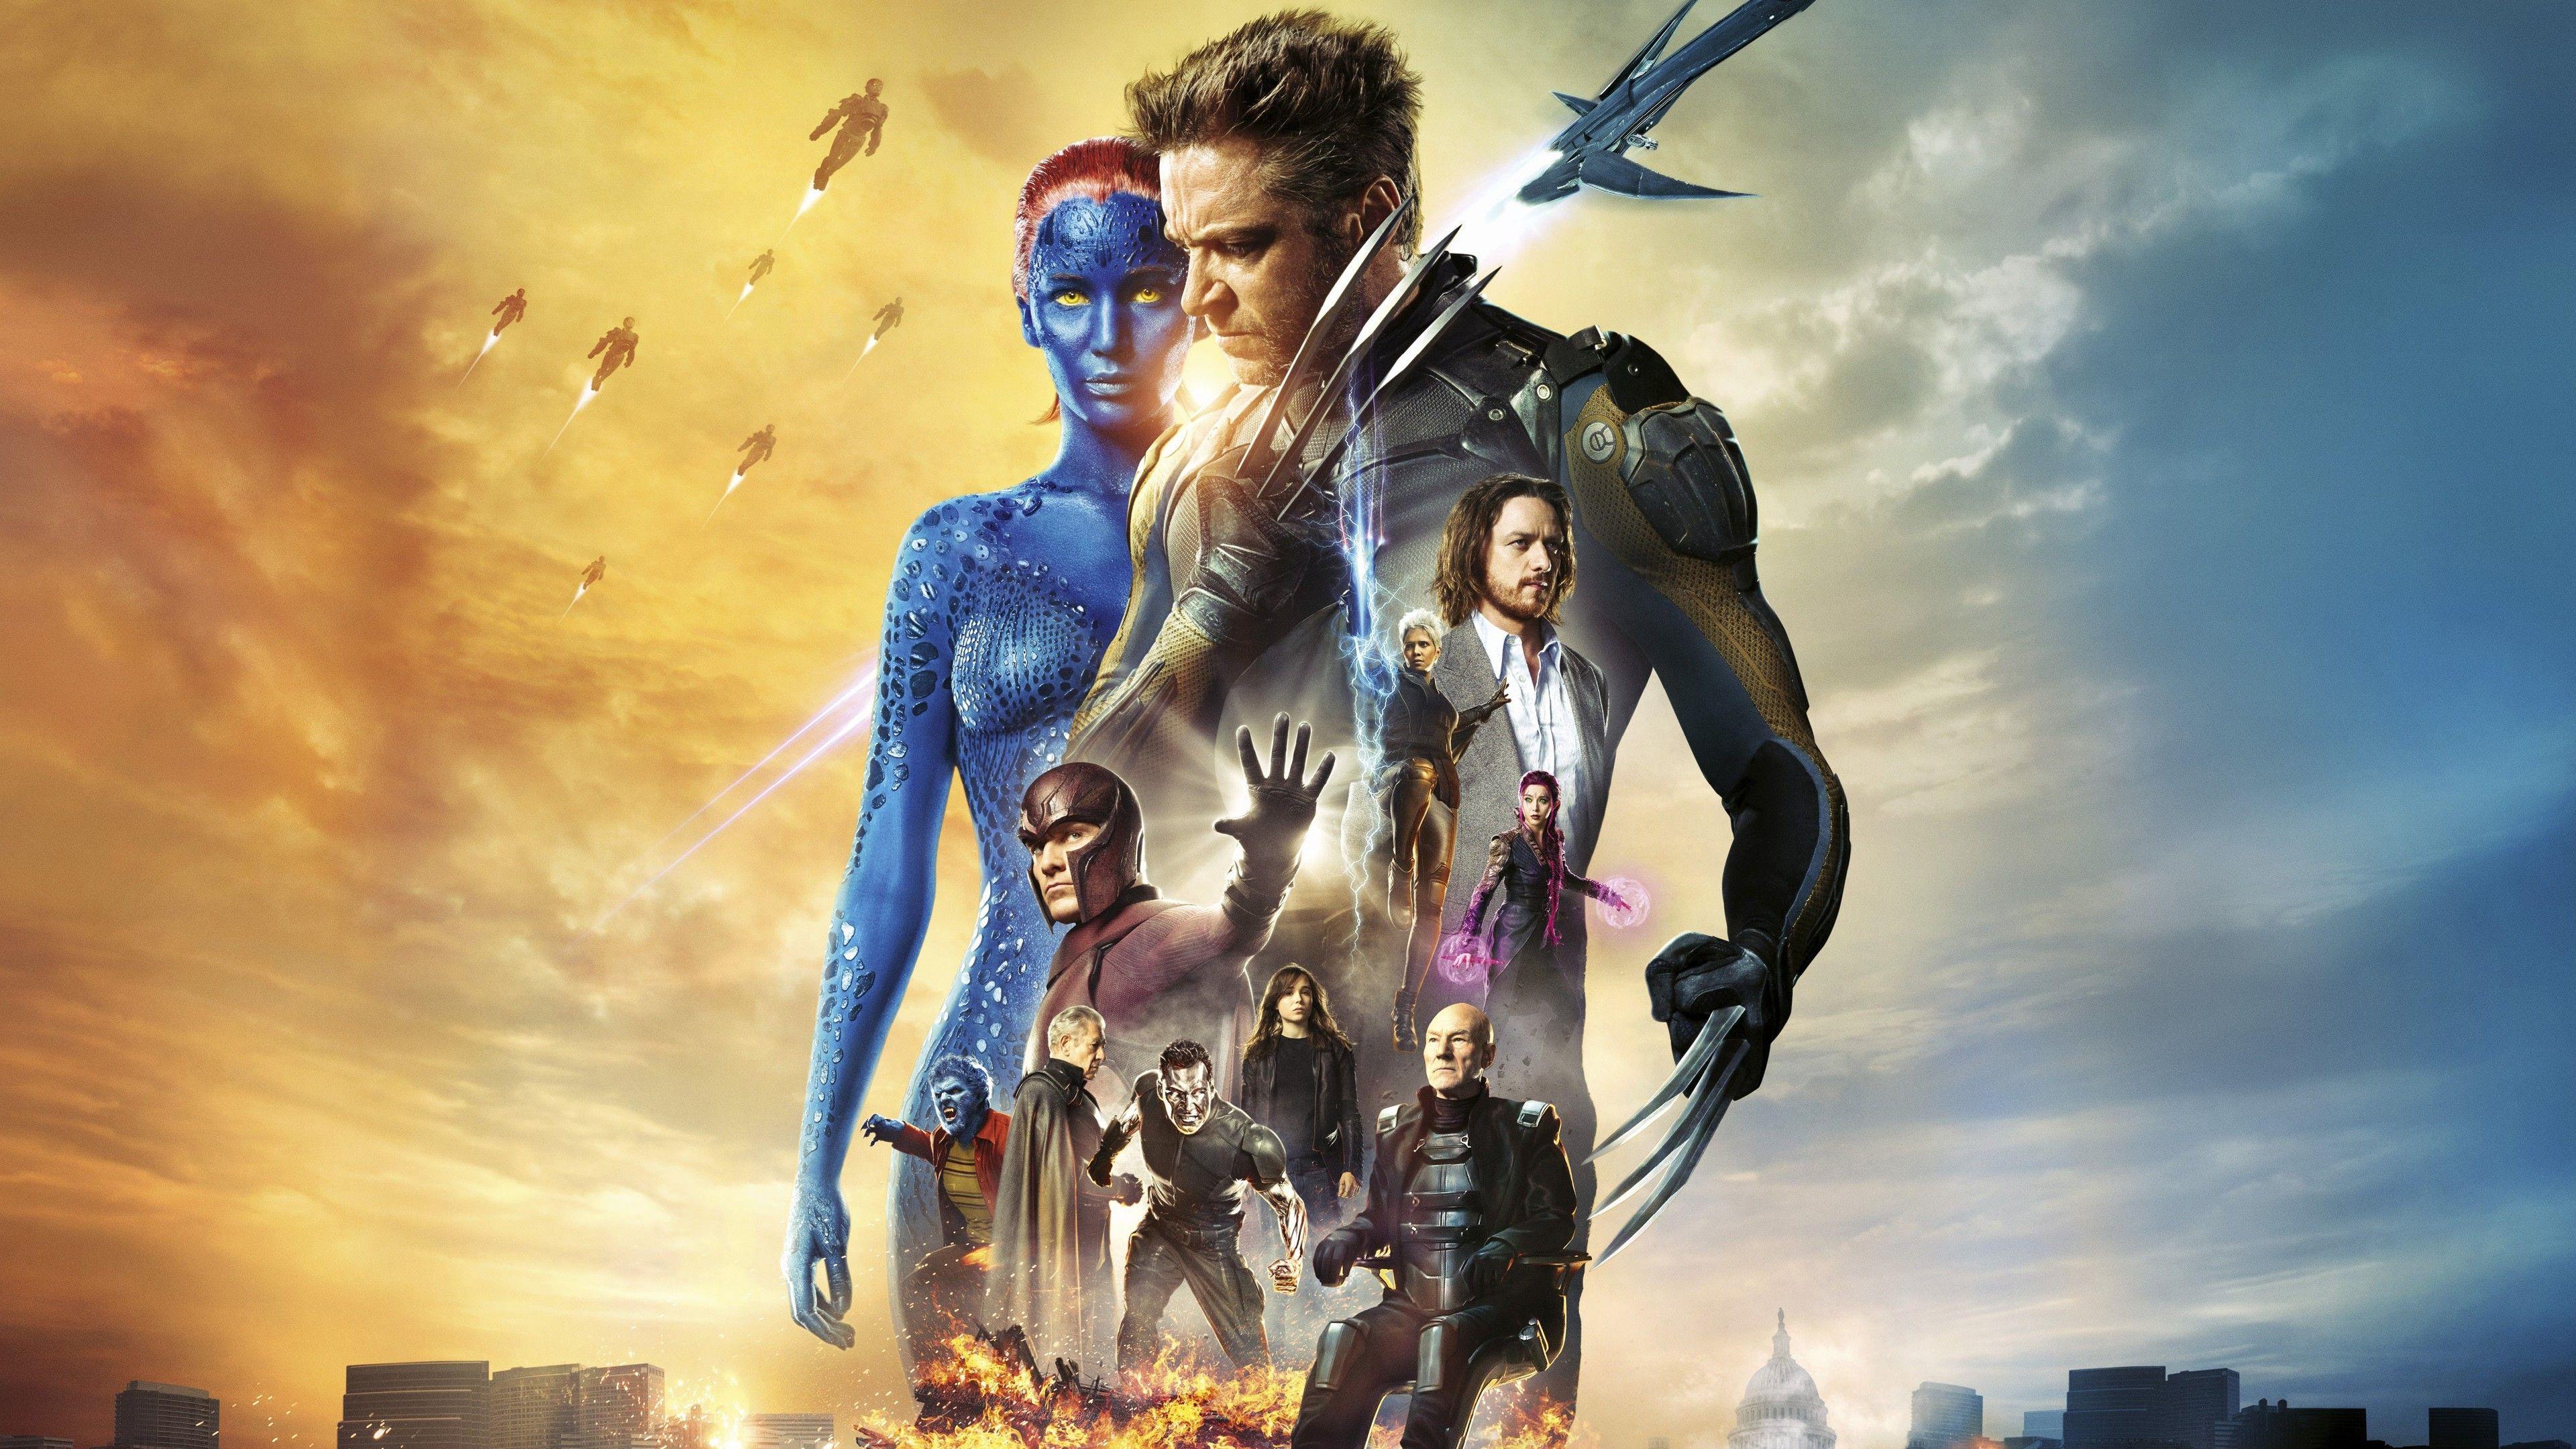 X Men Movie Wallpapers   Top X Men Movie Backgrounds 3840x2160